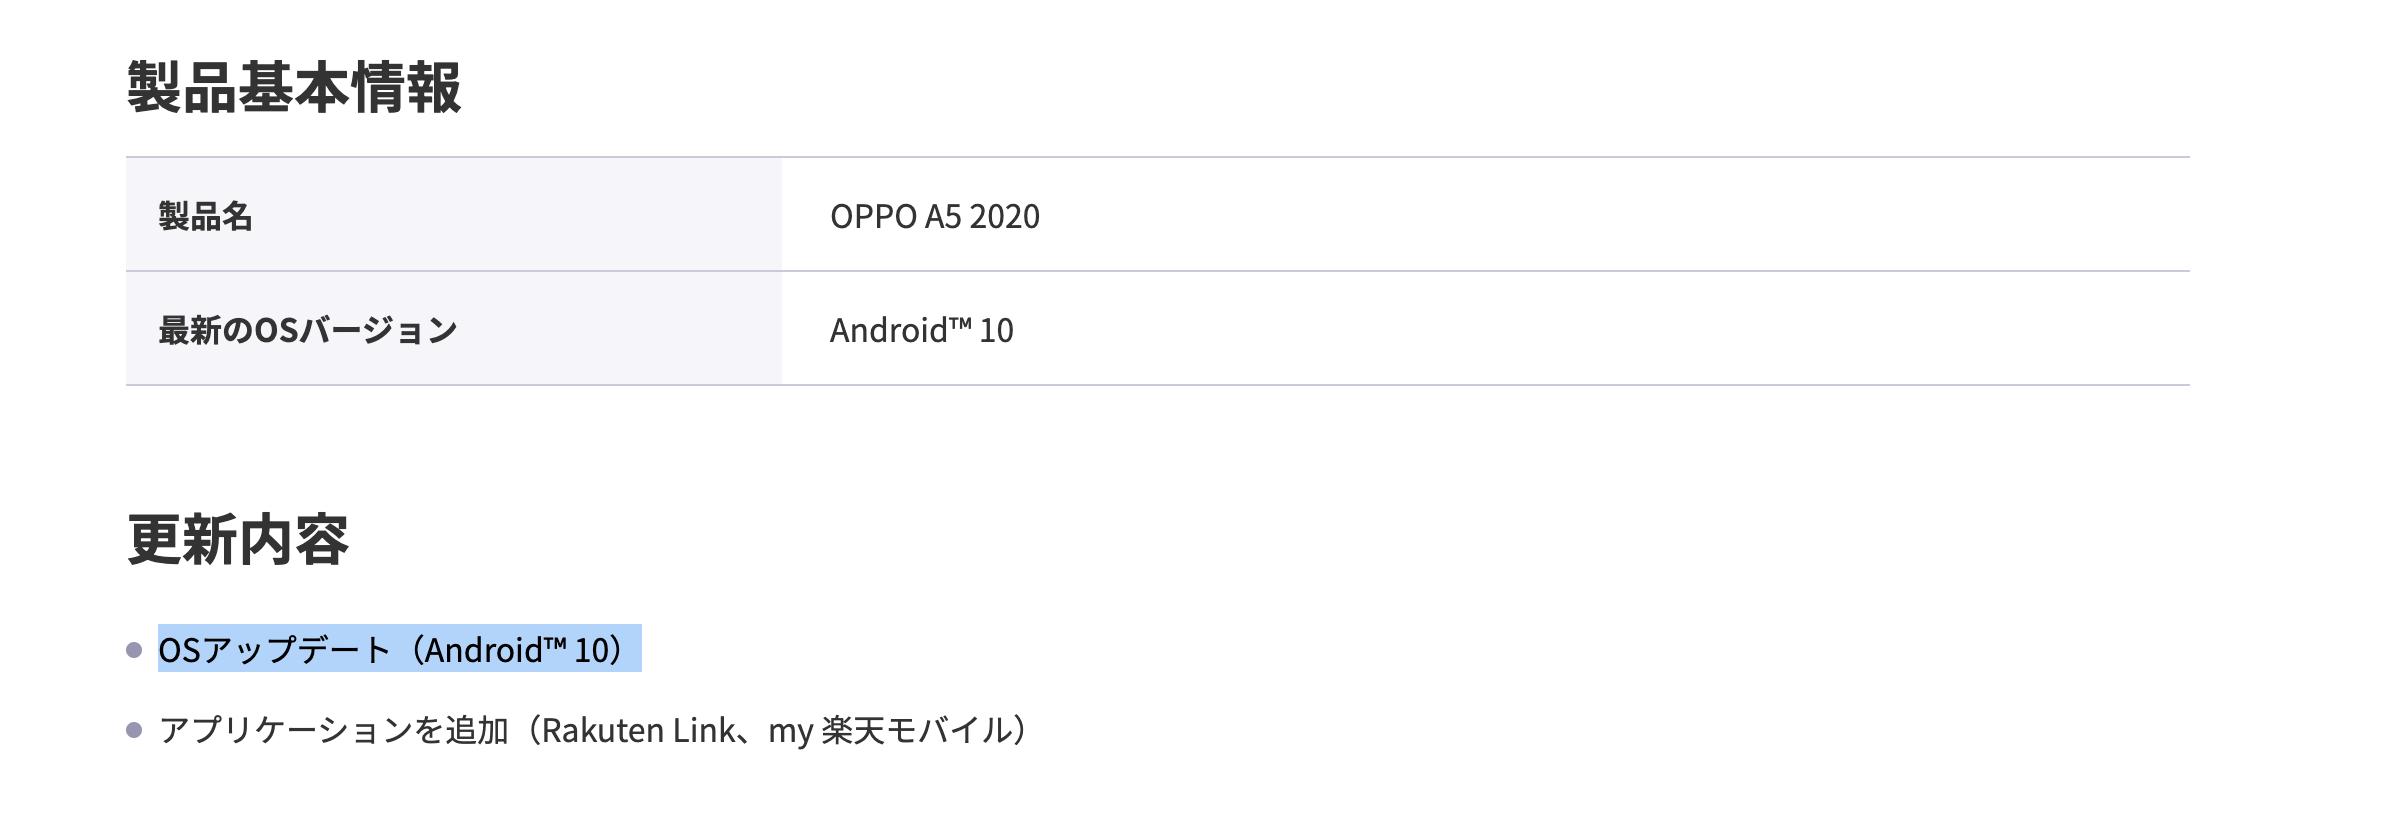 f:id:Azusa_Hirano:20200925145033p:plain